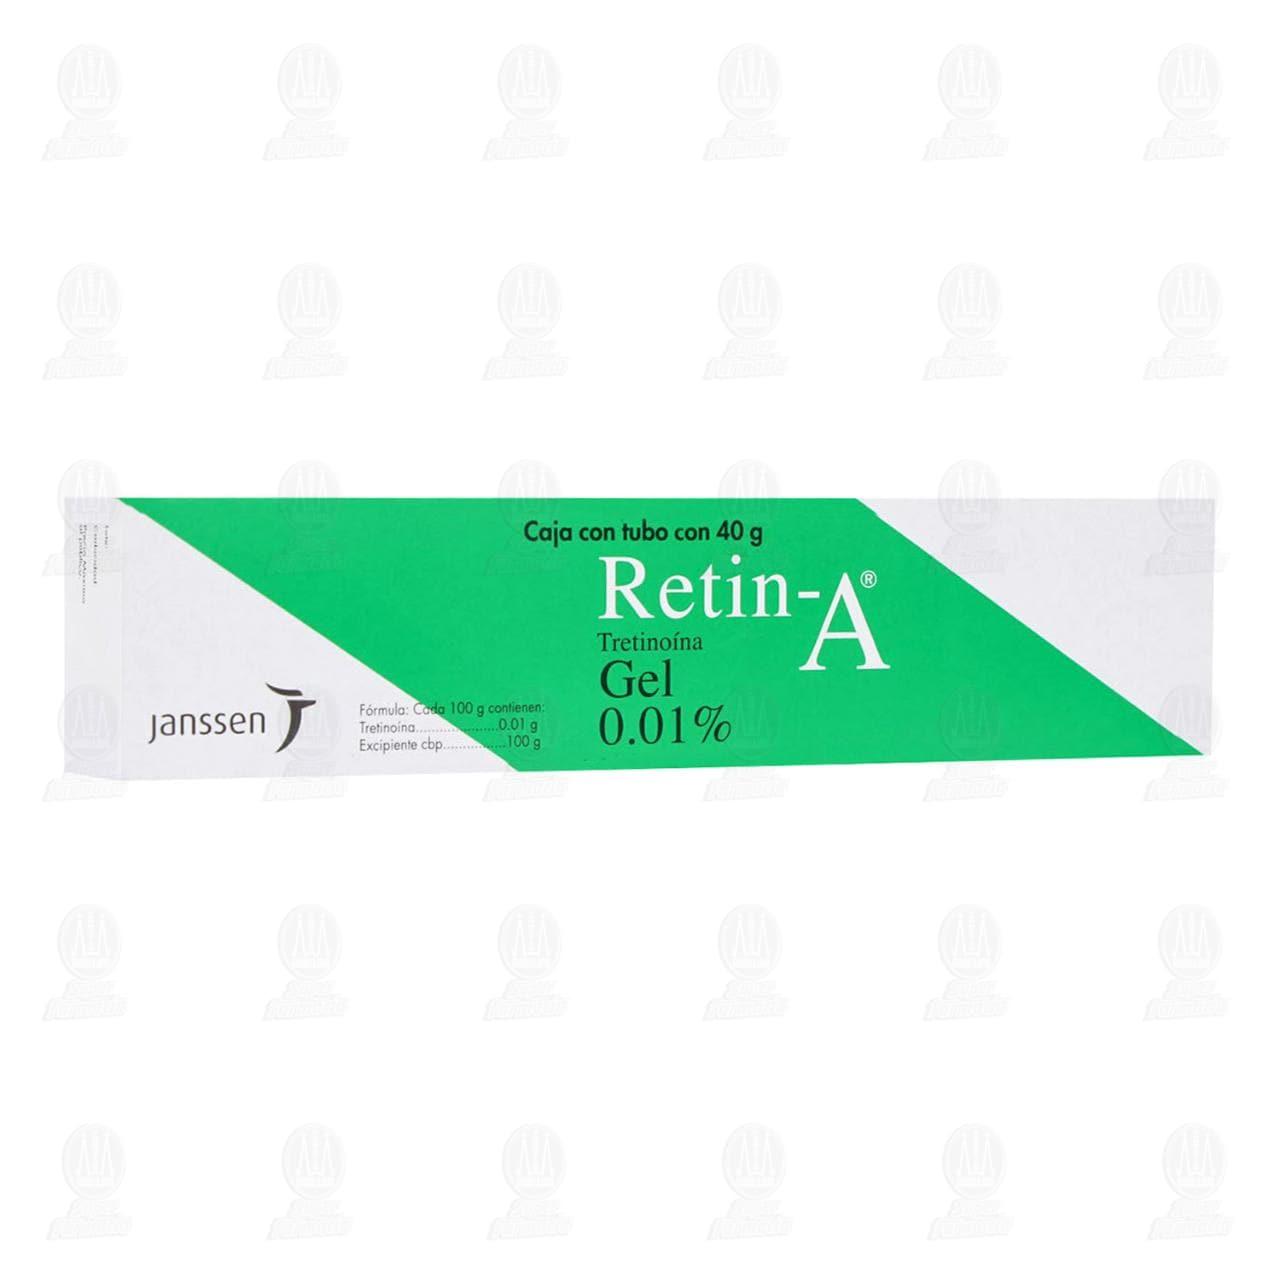 comprar https://www.movil.farmaciasguadalajara.com/wcsstore/FGCAS/wcs/products/836184_A_1280_AL.jpg en farmacias guadalajara